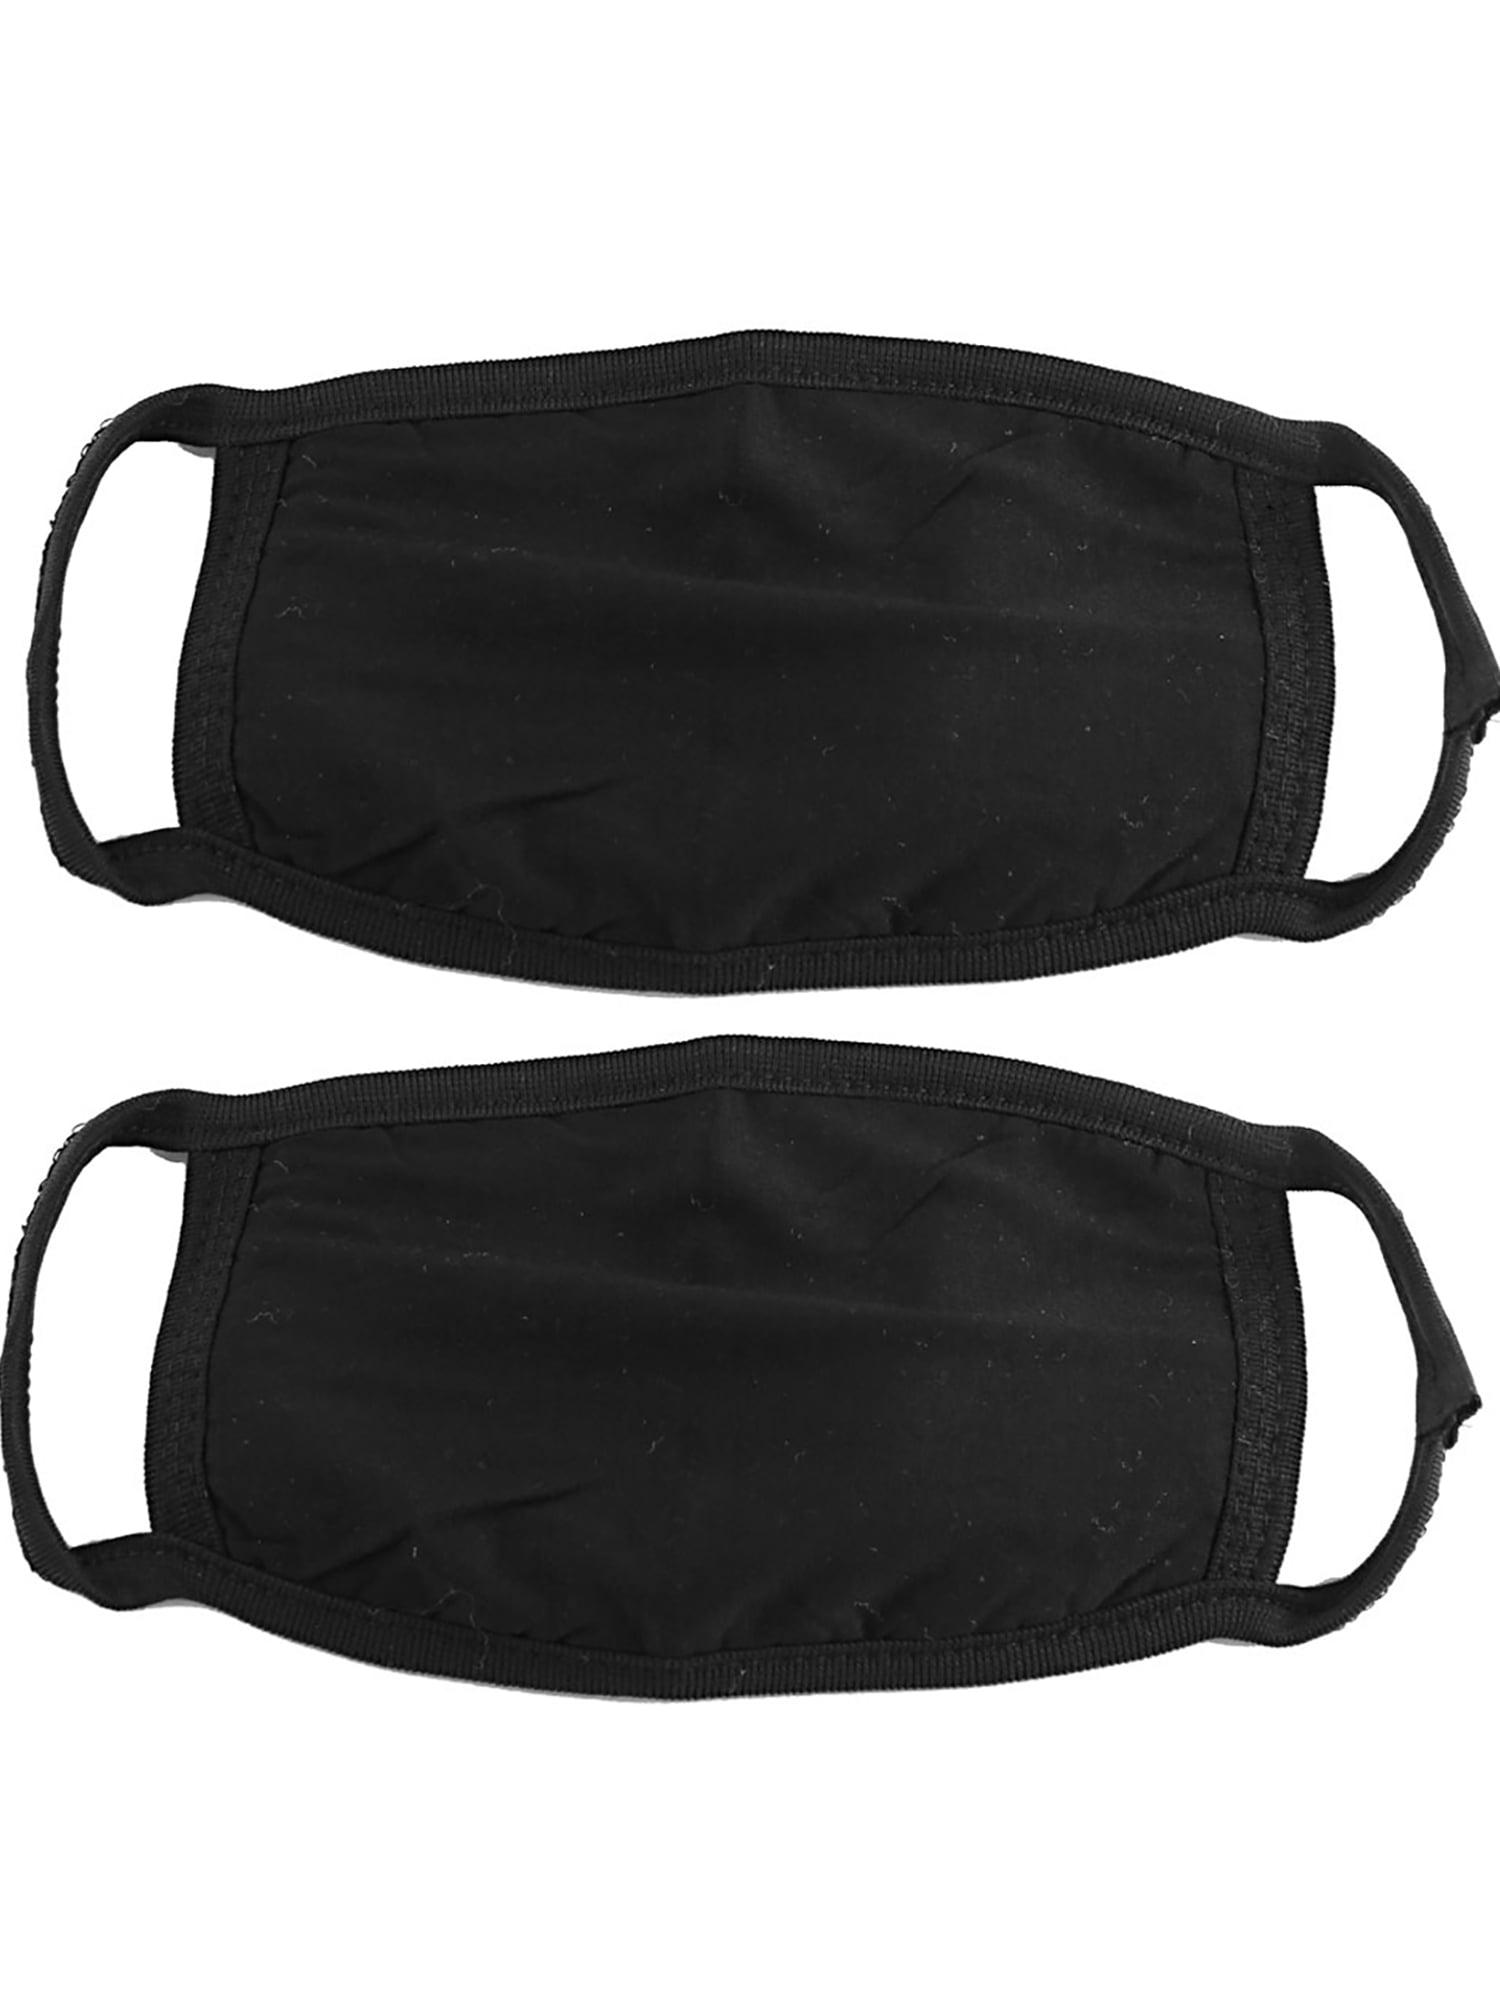 Unique Bargains 2 Pcs Lady Men Elastic Ear Loop Dust Resistance Face Mouth Mask Black by Unique-Bargains